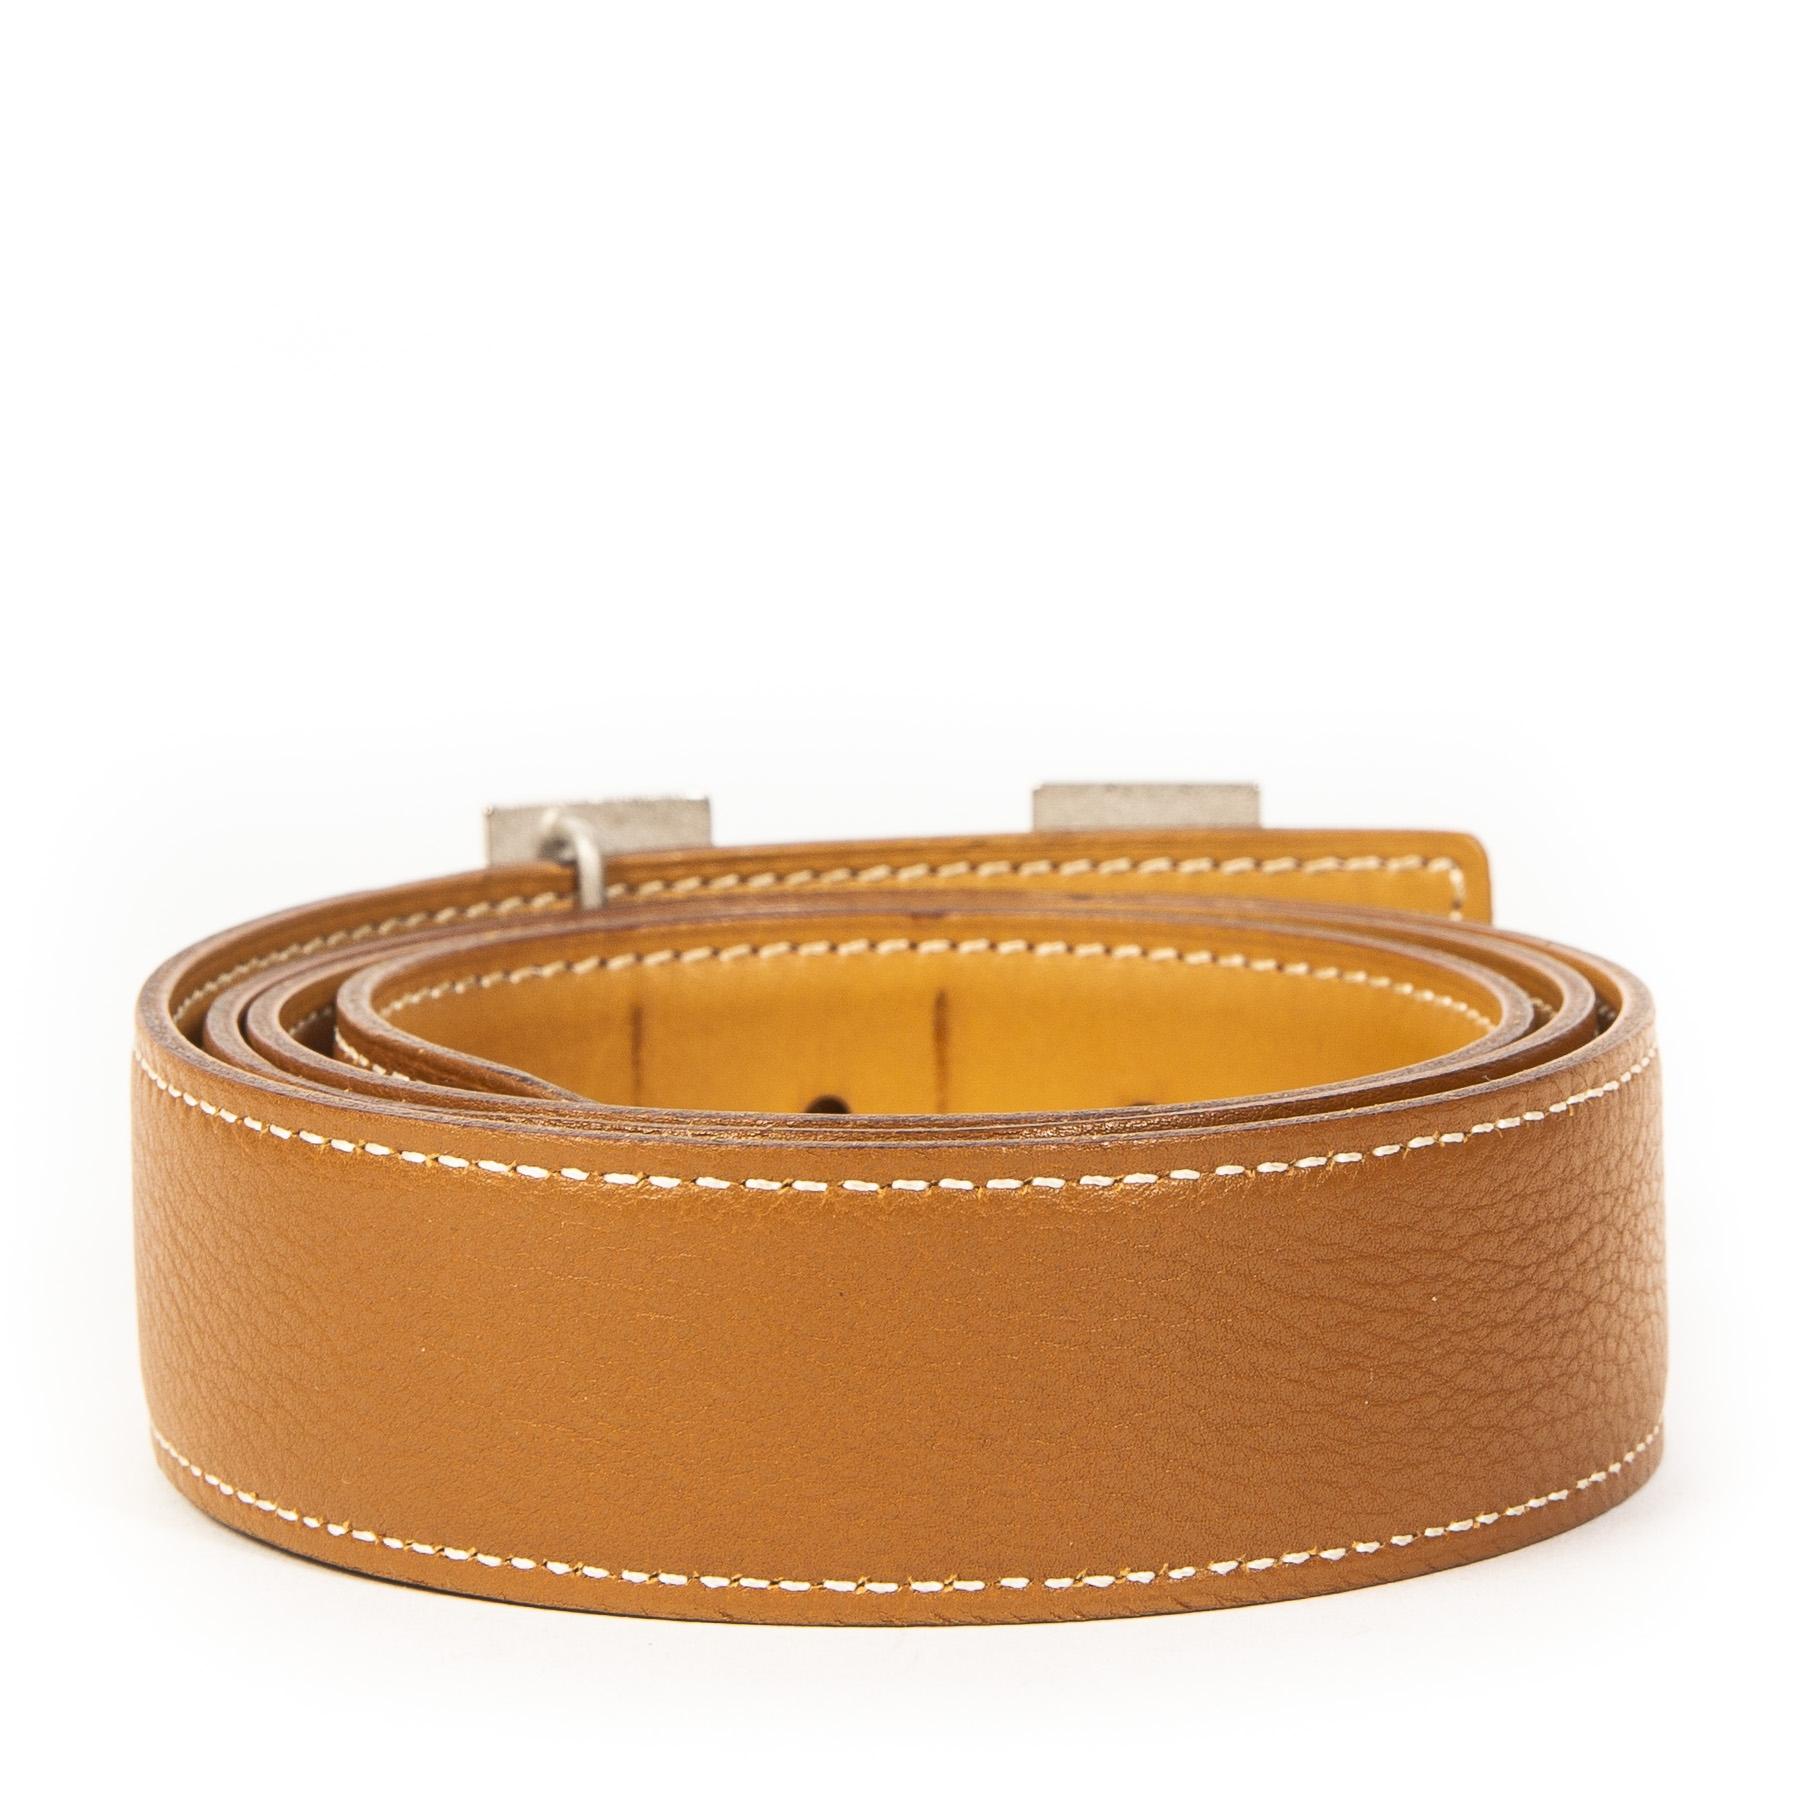 Authentieke Tweedehands Hermès Cognac H Leather Buckle Belt juiste prijs veilig online shoppen luxe merken webshop winkelen Antwerpen België mode fashion